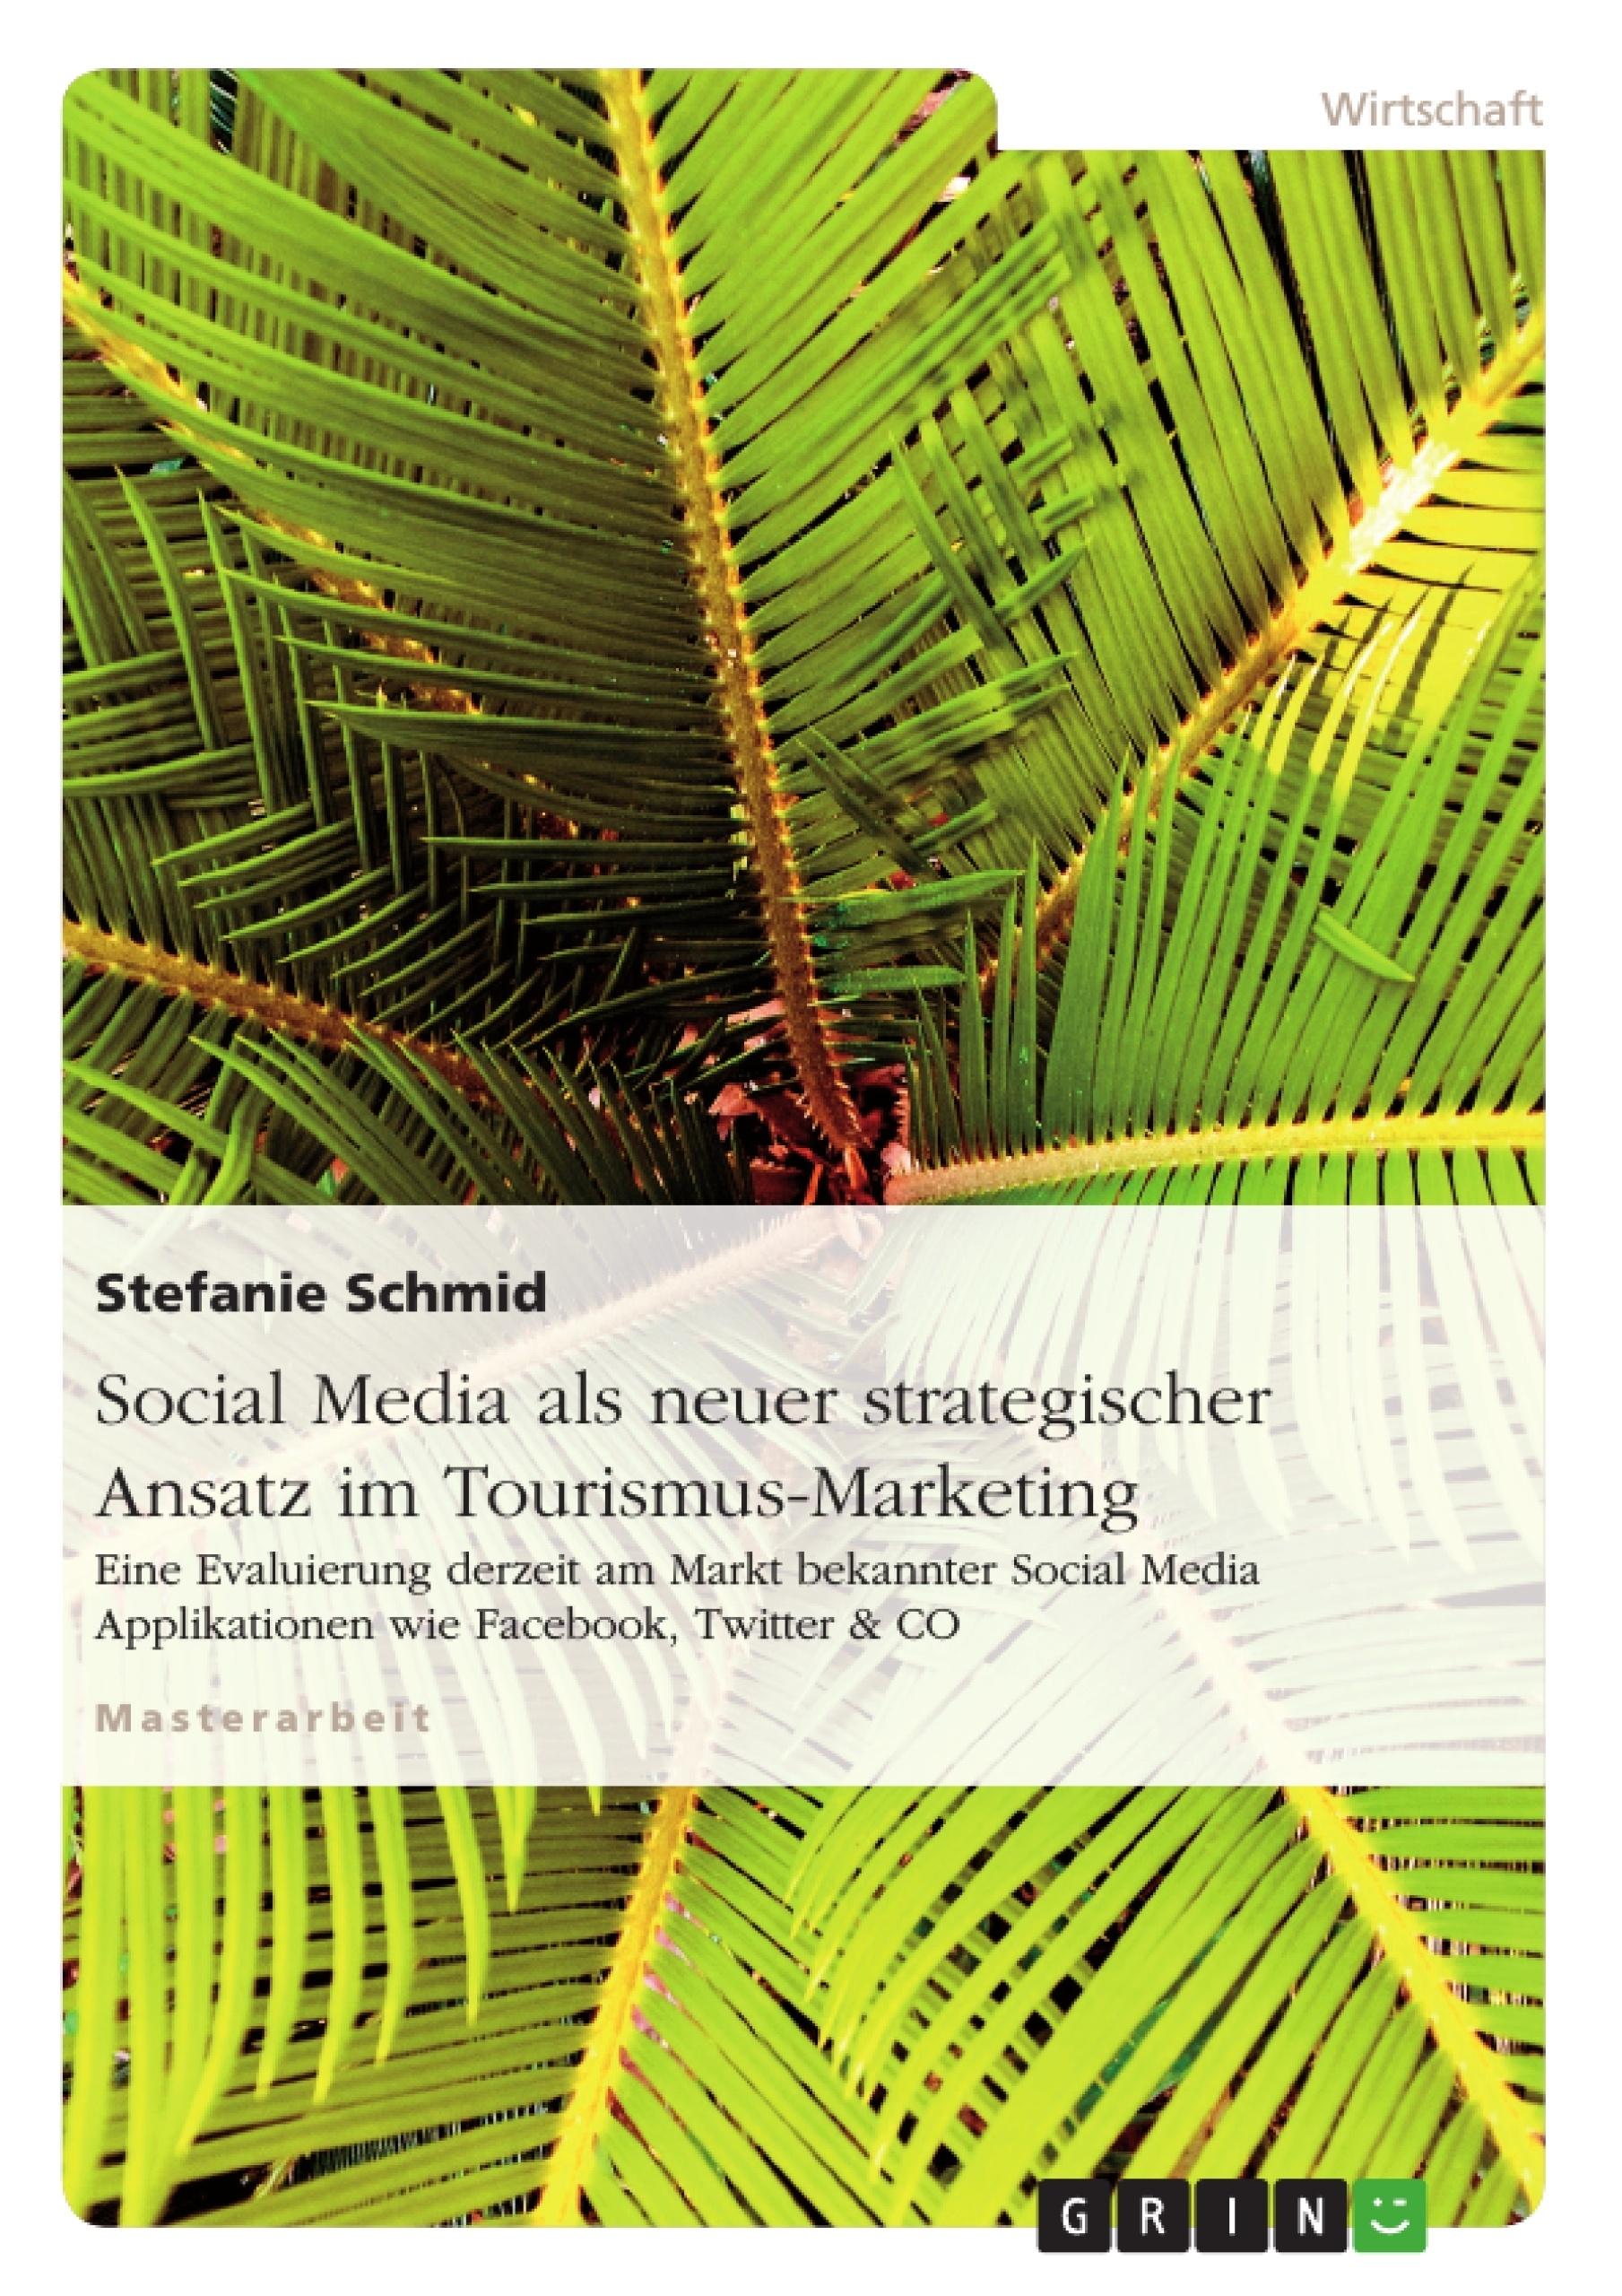 Titel: Social Media als neuer strategischer Ansatz im Tourismus-Marketing